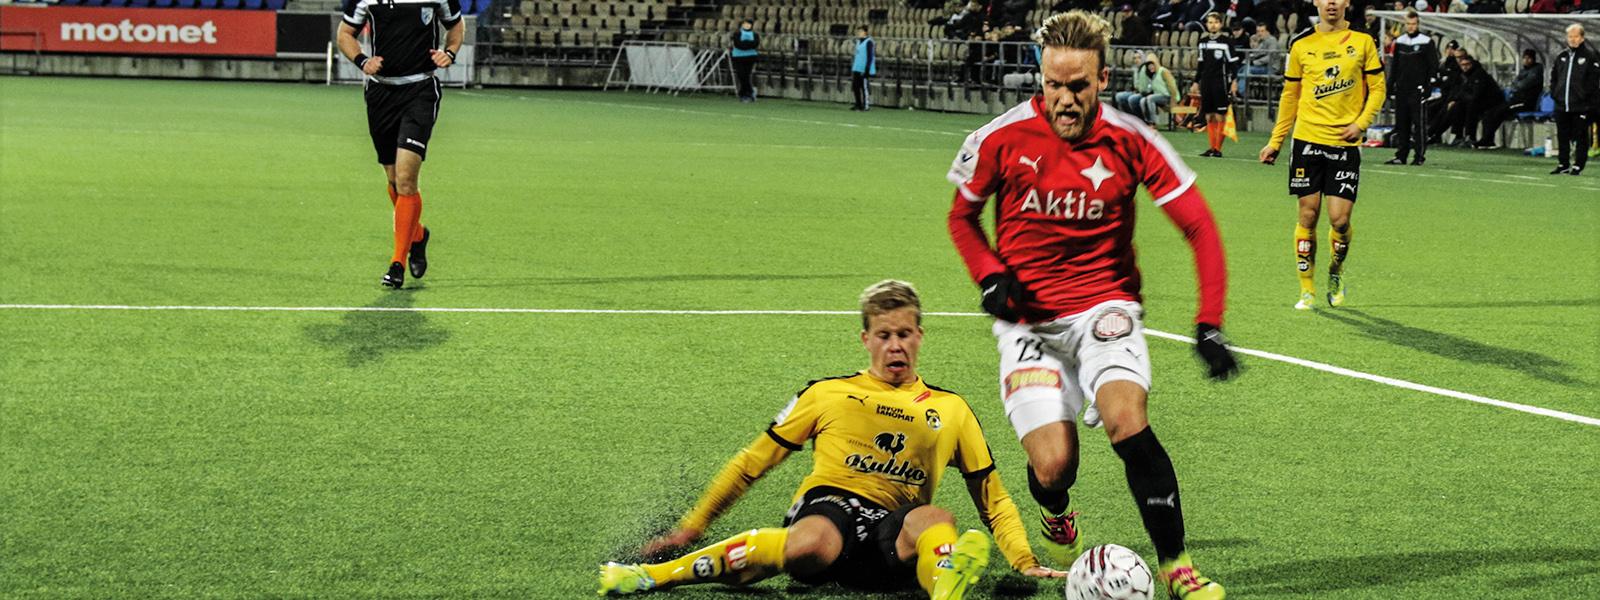 KuPS voitti HIFK:n – sarjapaikka ratkeaa päätöskierroksella – Finnlinesin otteluraportti